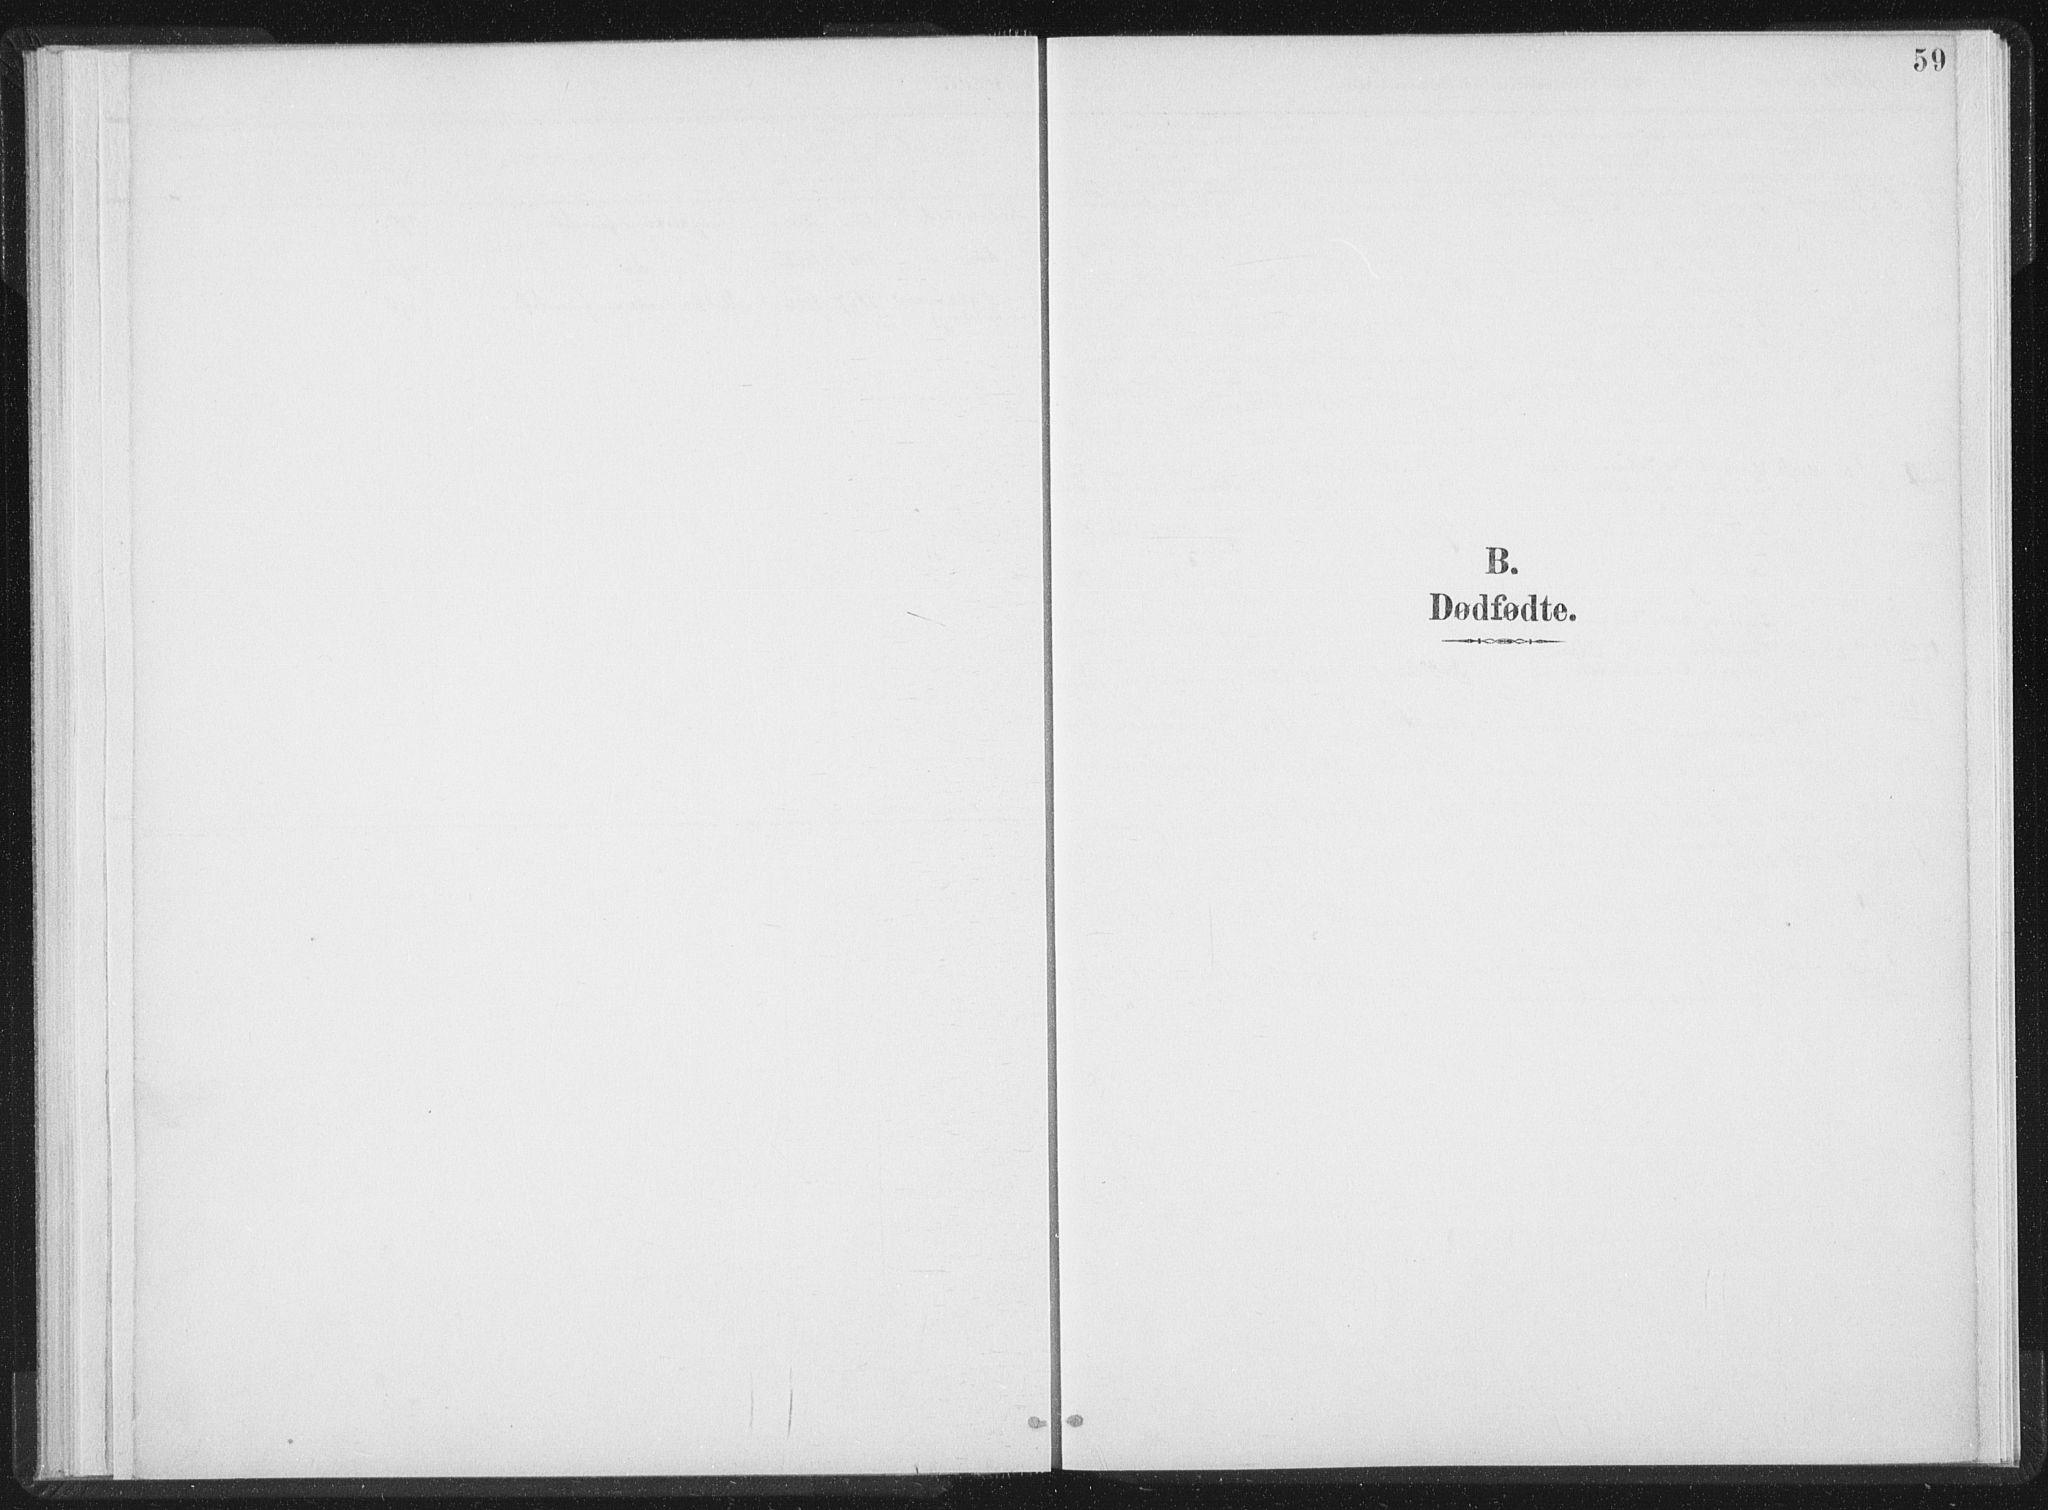 SAT, Ministerialprotokoller, klokkerbøker og fødselsregistre - Nord-Trøndelag, 724/L0263: Parish register (official) no. 724A01, 1891-1907, p. 59